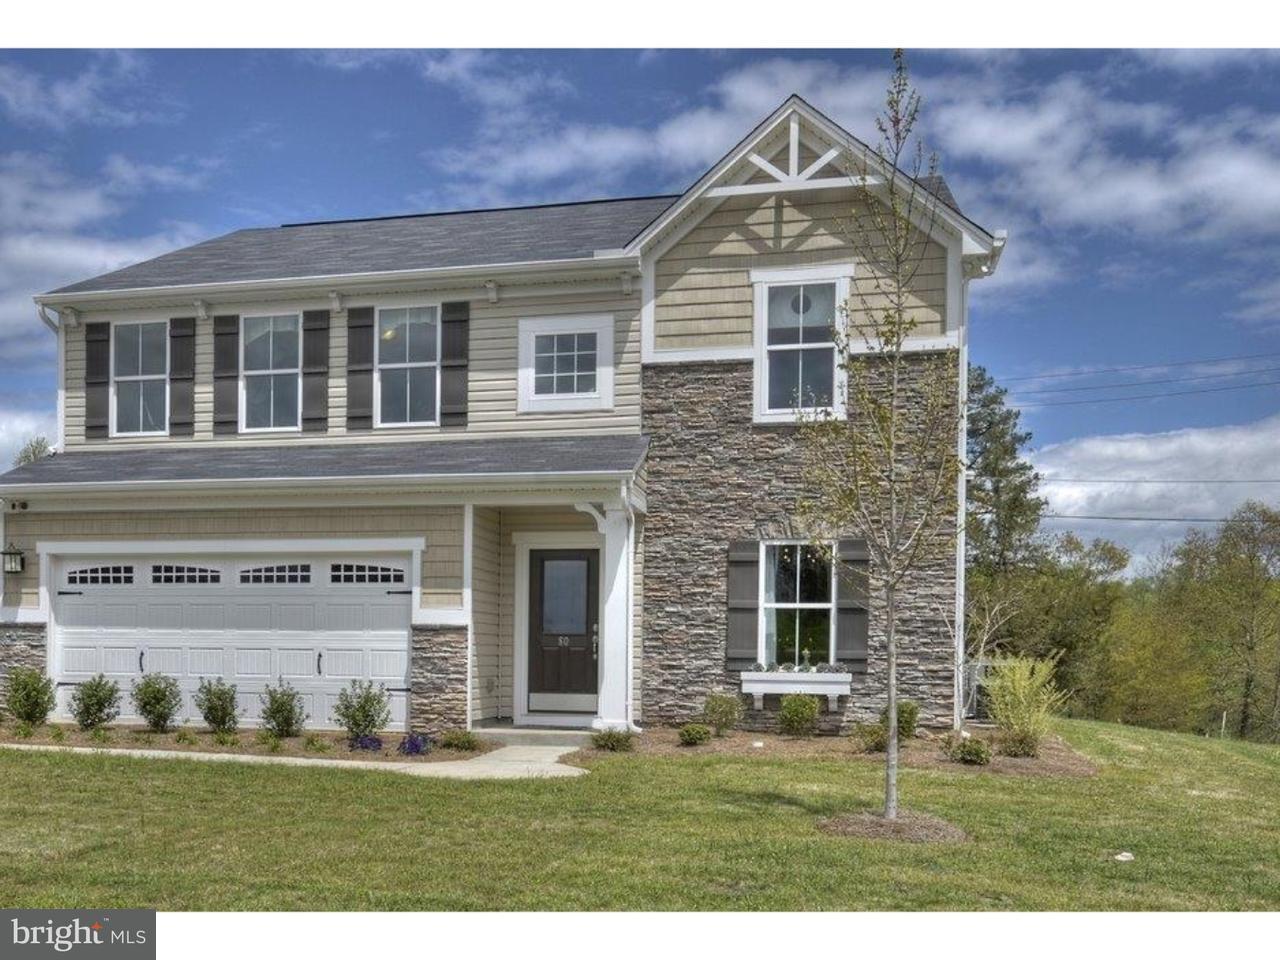 独户住宅 为 销售 在 4 HAWKINS Lane Wenonah, 新泽西州 08090 美国